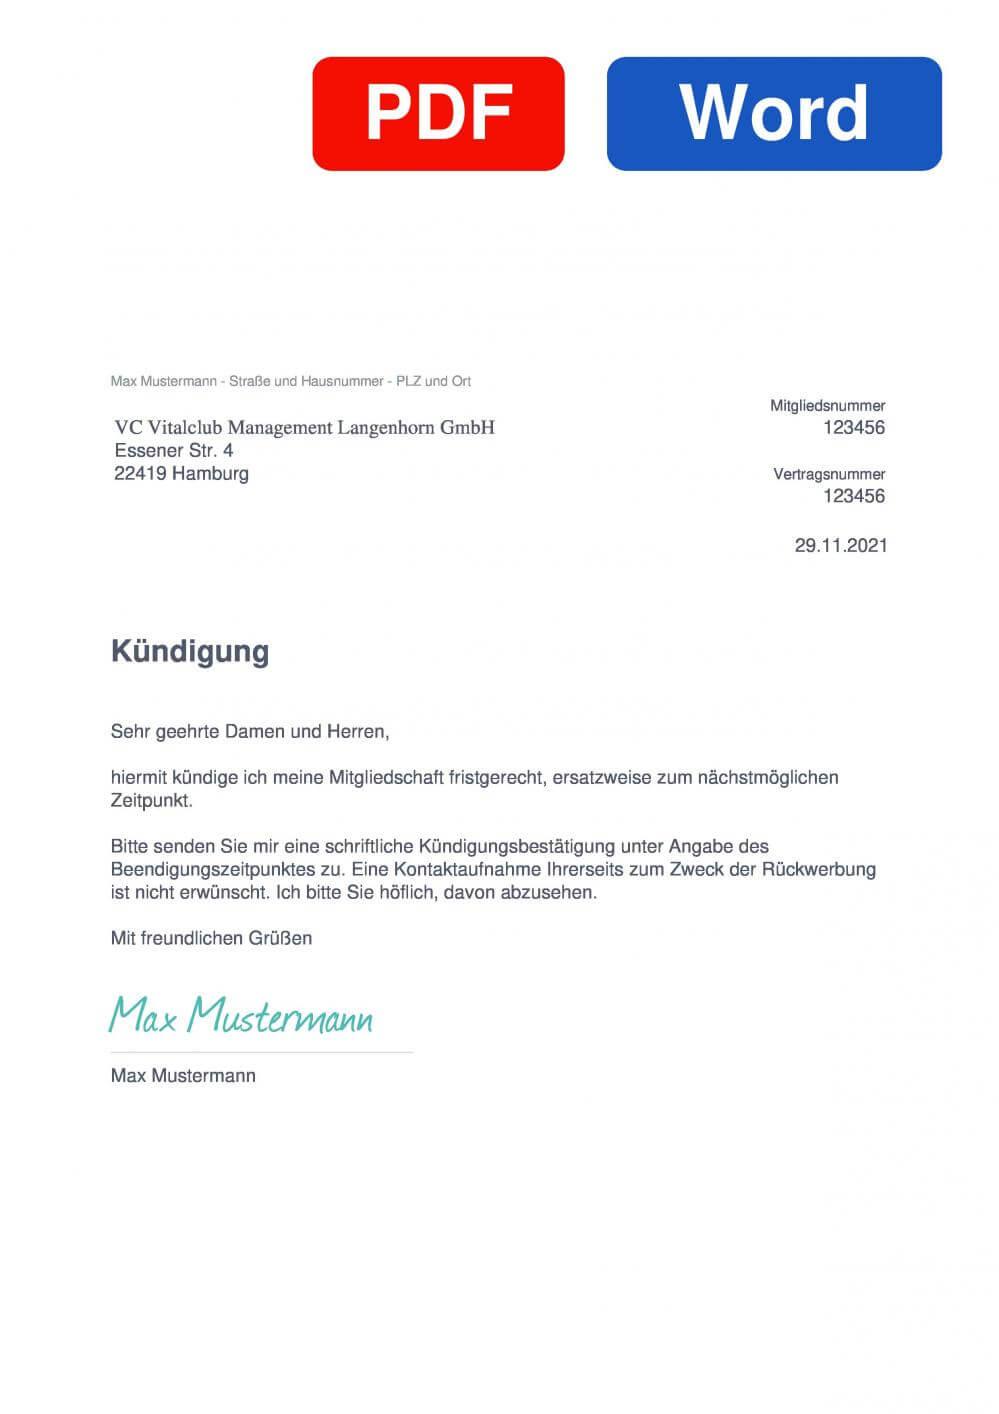 ELIXIA Hamburg Muster Vorlage für Kündigungsschreiben